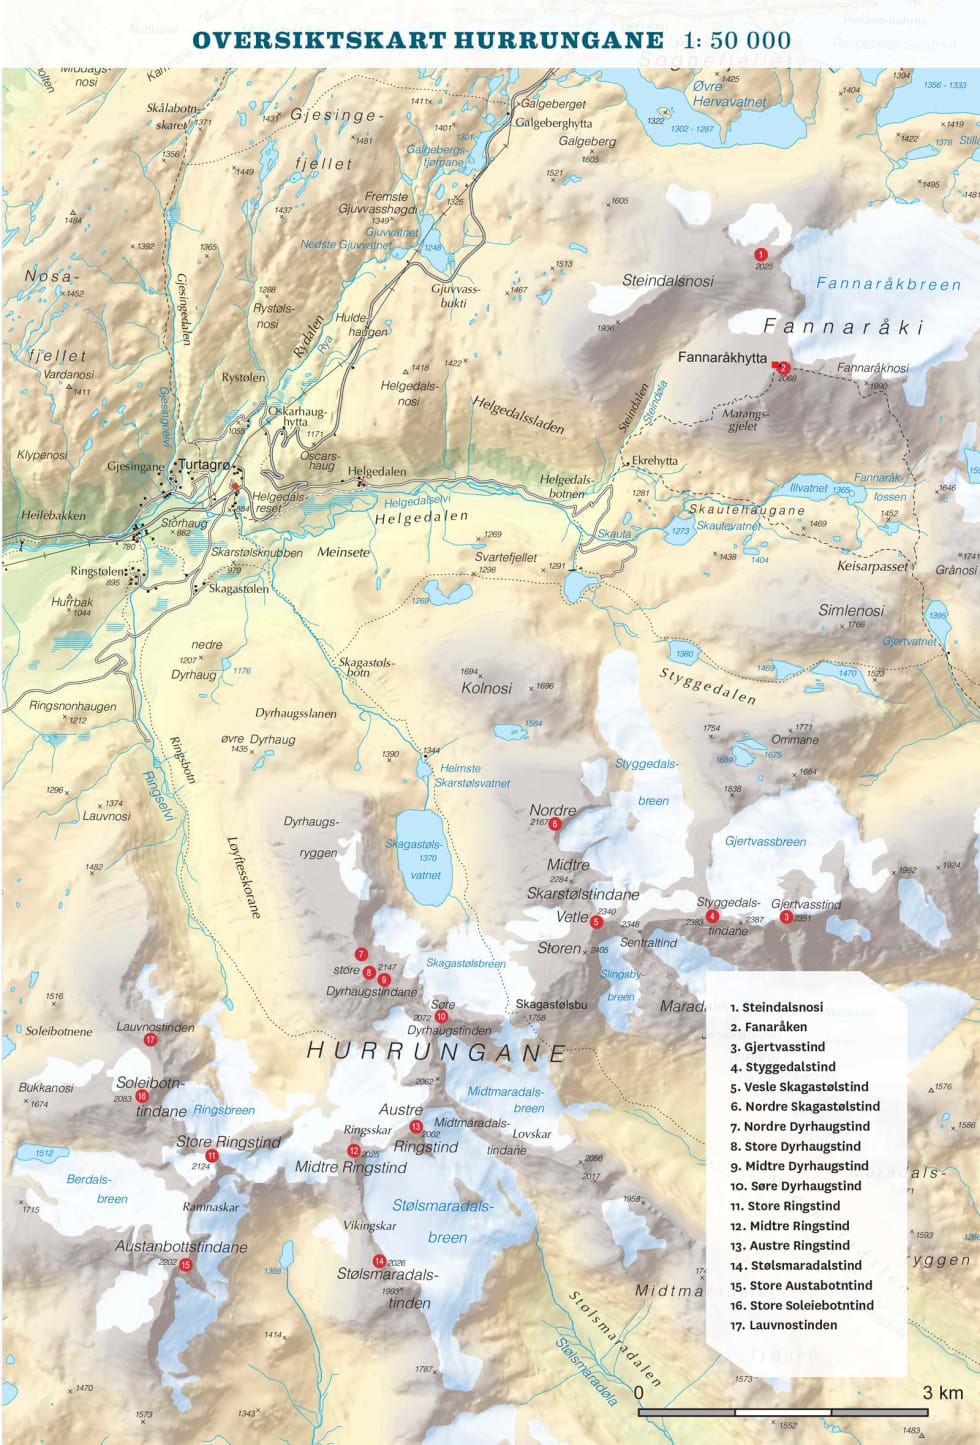 Oversiktskart over Hurrungane. Frå Toppturar i Sogn.